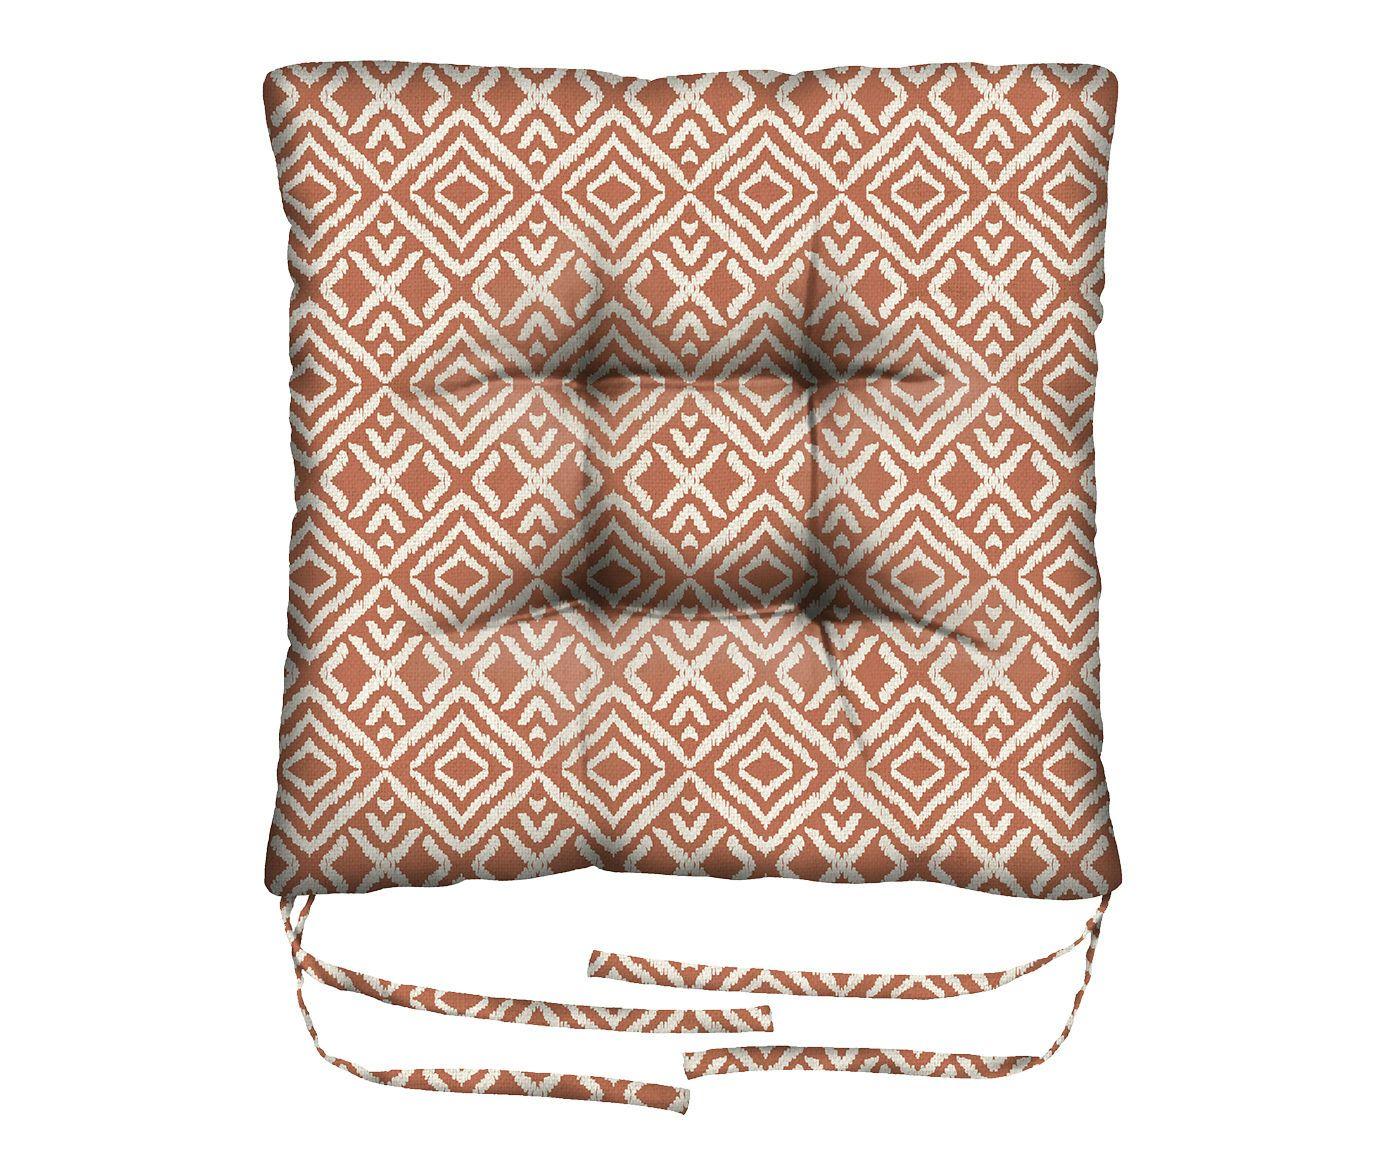 Assento de Cadeira em Linho Misto Gemini - 45X45cm | Westwing.com.br